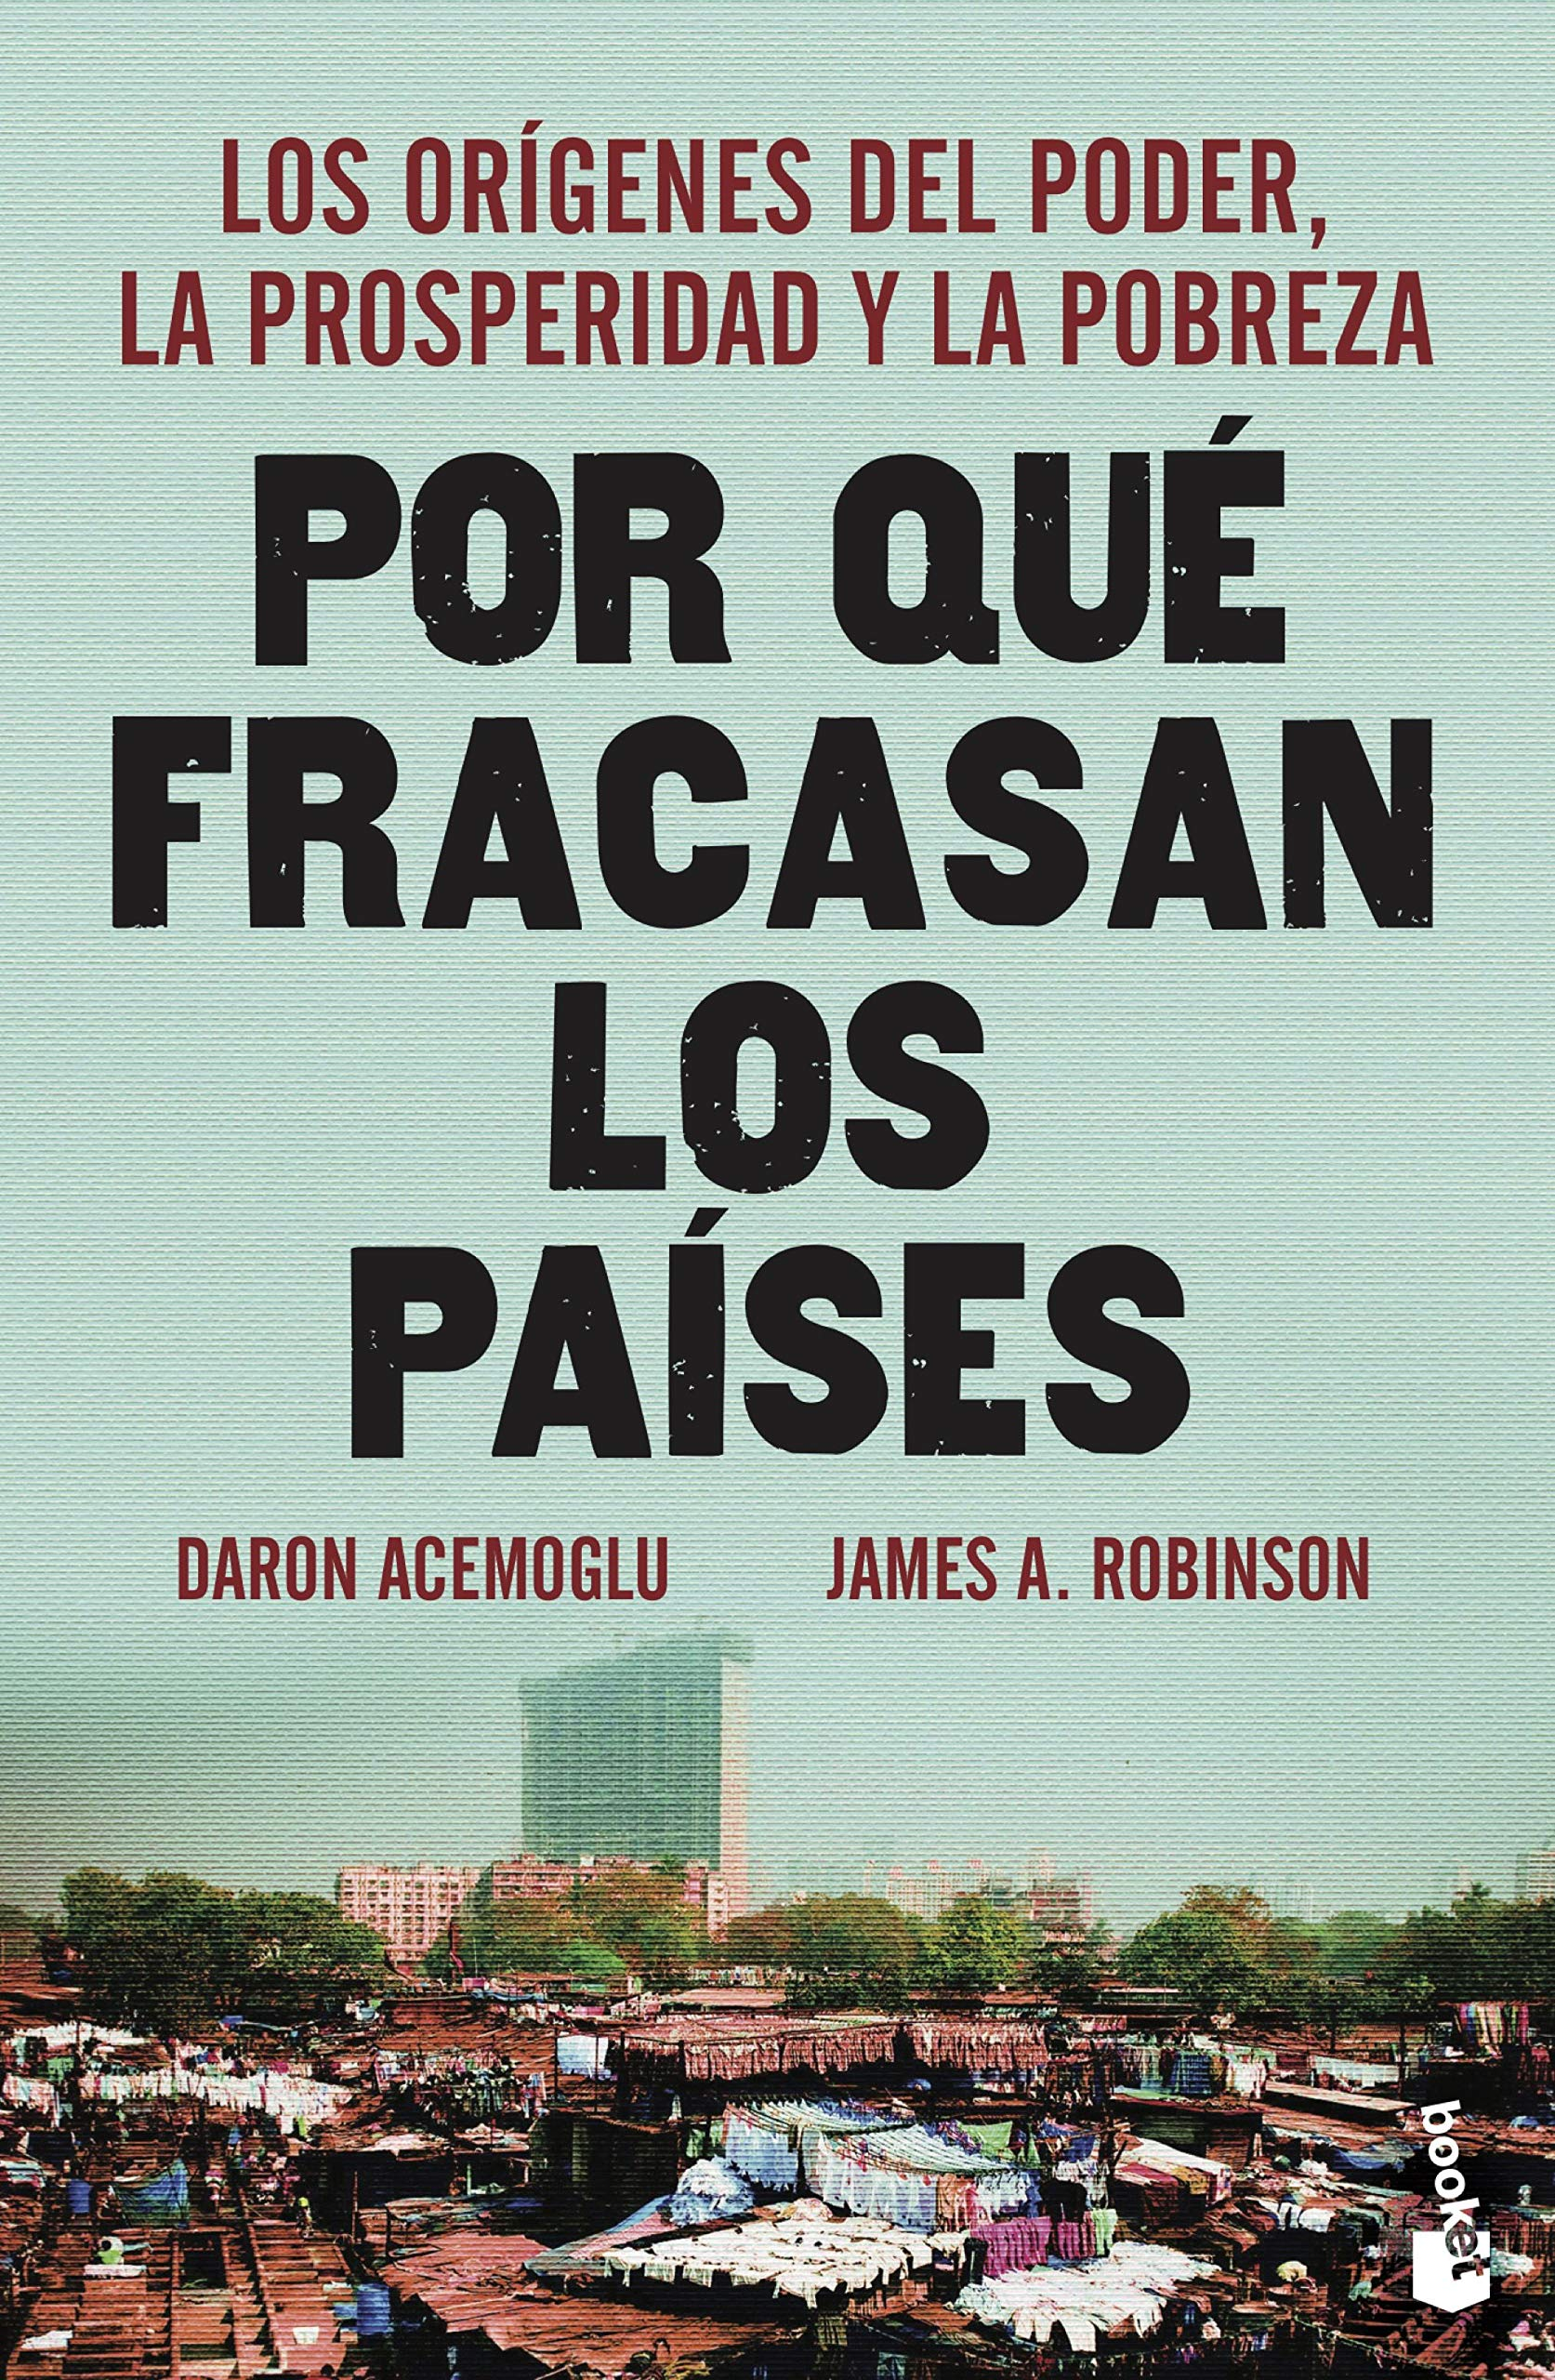 Por qué fracasan los países: Los orígenes del poder, la prosperidad y la pobreza Divulgación: Amazon.es: Acemoglu, Daron, Robinson, James A., García Madera, Marta: Libros